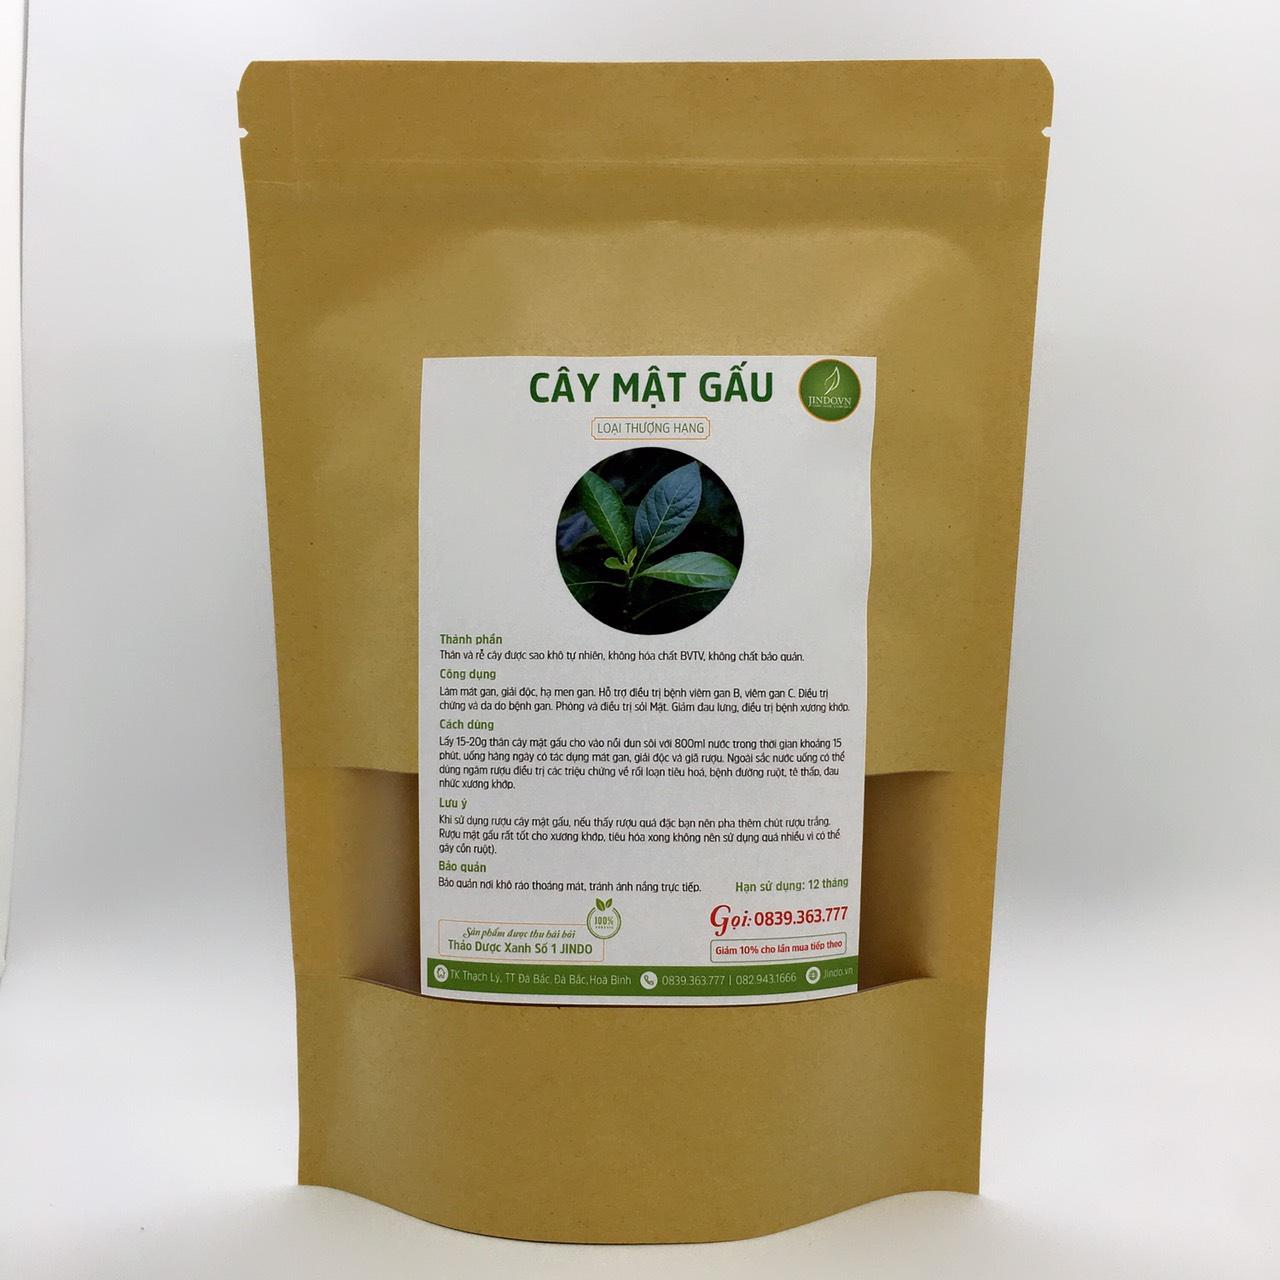 Cây mật gấu  sấy khô 500gram loại thượng hạng -TM008 nhập khẩu